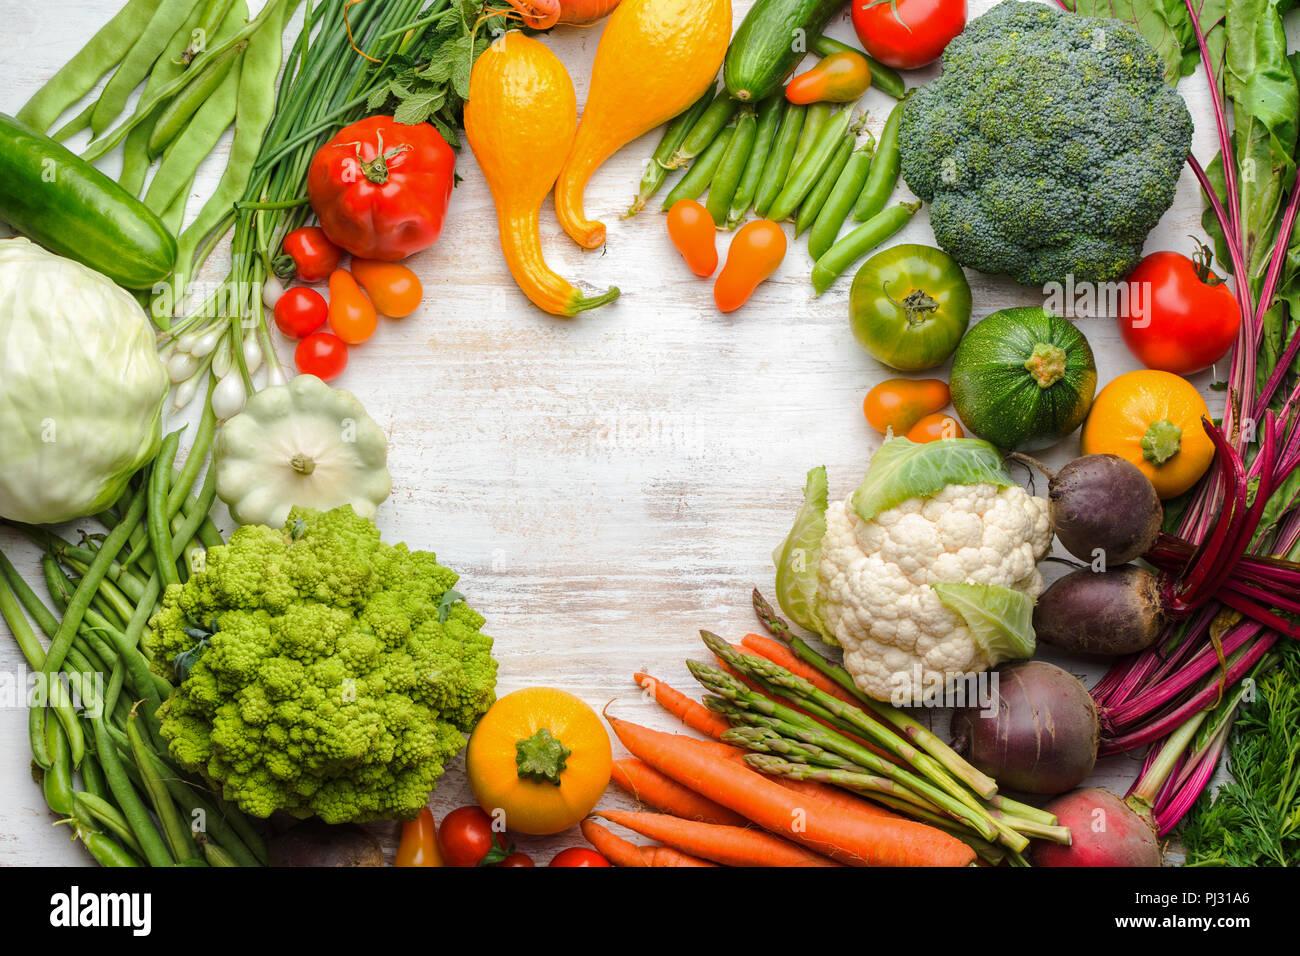 Prodotti freschi di fattoria, colorato cornice fatta di verdura biologica e le erbe sul bianco sullo sfondo di legno, sfondo sani, copiare lo spazio per testo, vista dall'alto, il fuoco selettivo Immagini Stock